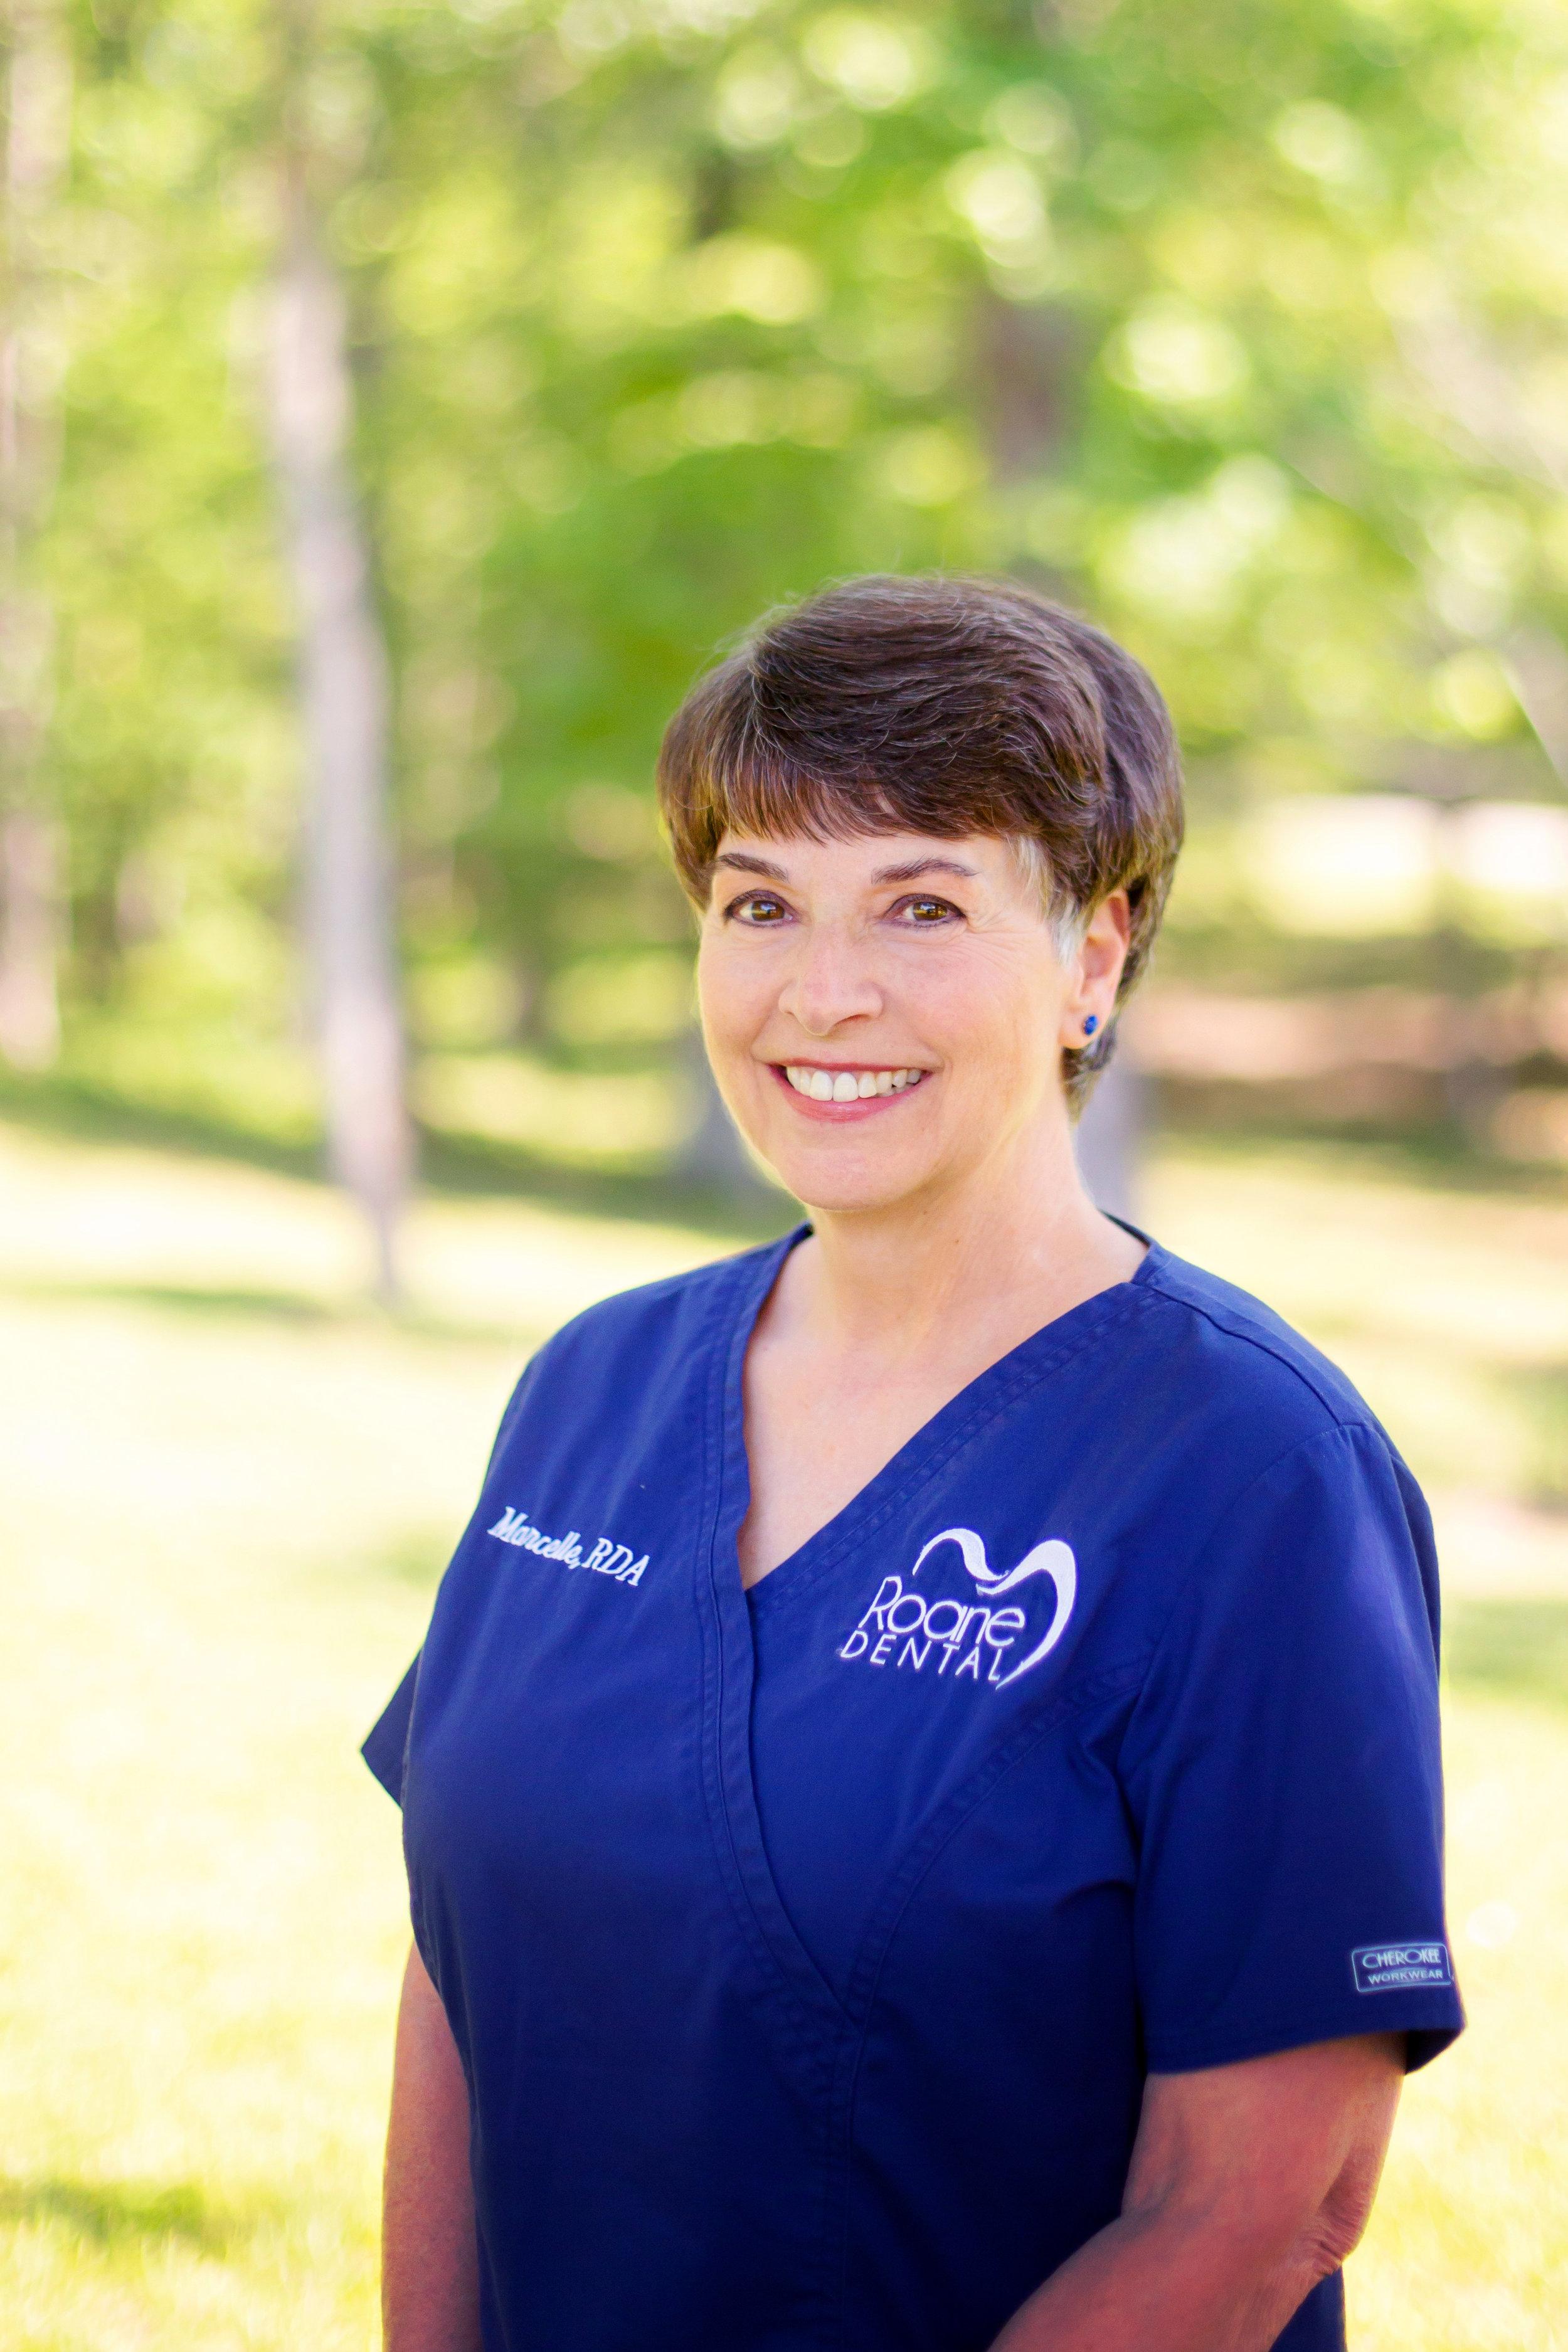 Marcelle - Dental Assistant